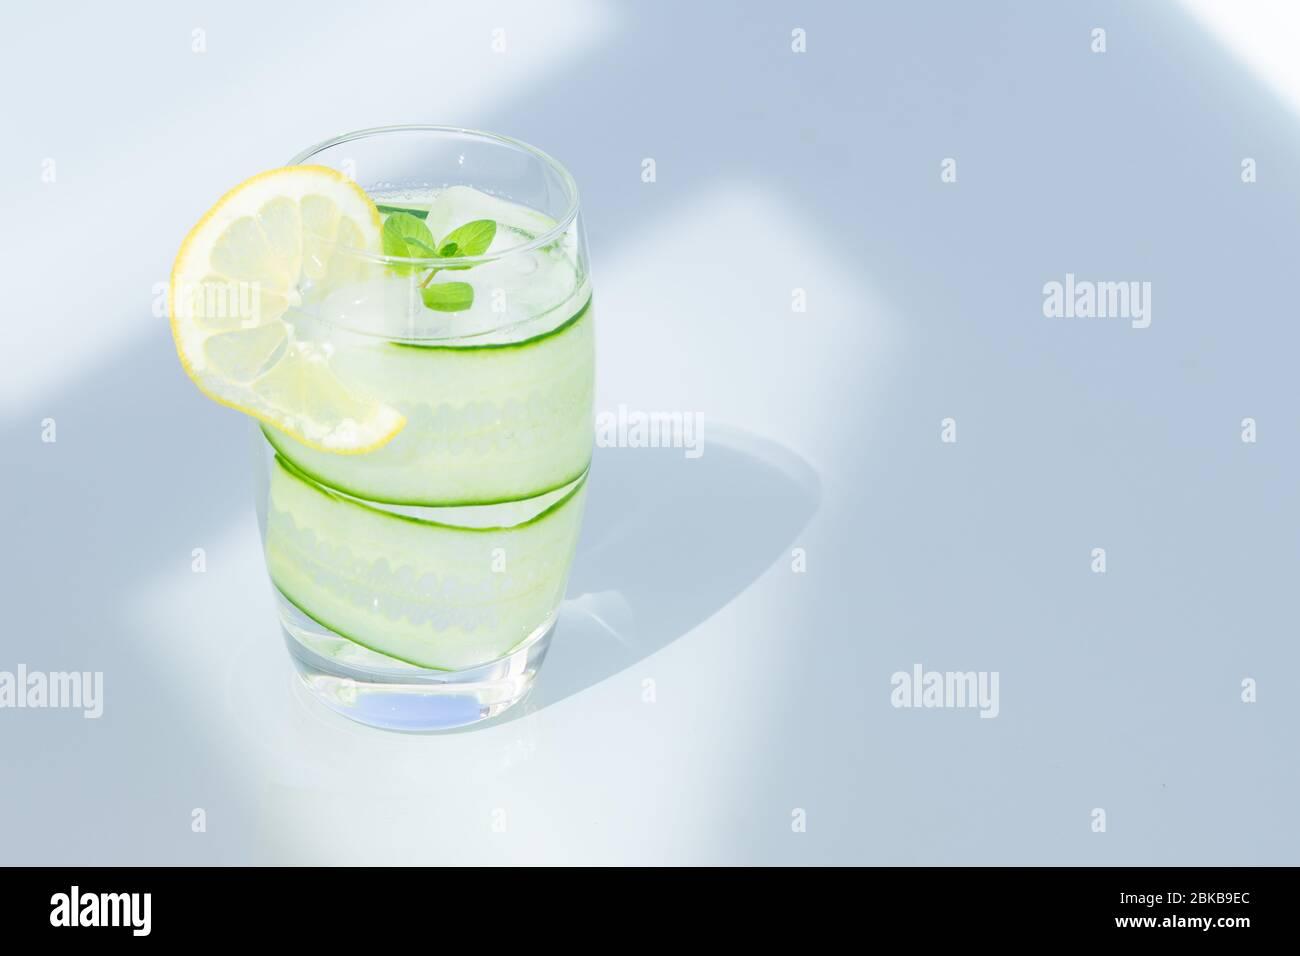 Verre d'eau avec citron, glace et concombre isolés. Espace de copie. Banque D'Images